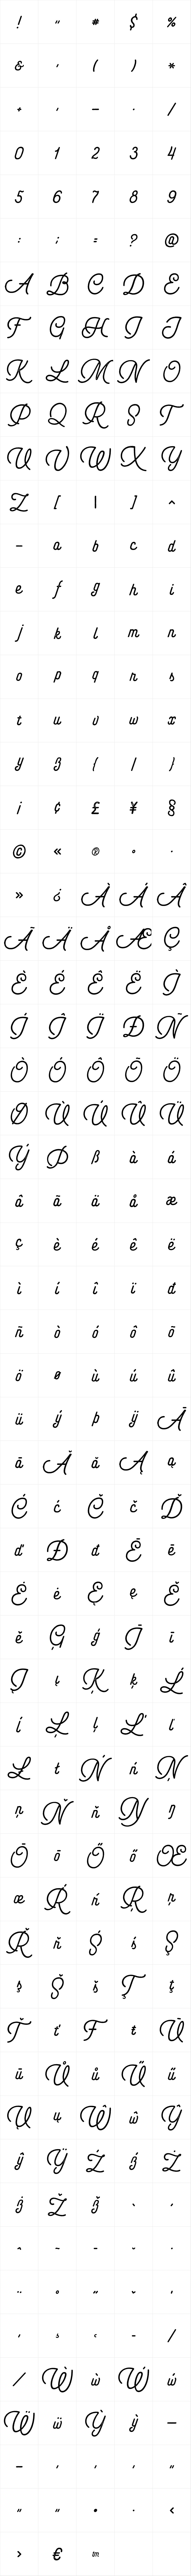 Bartender Script Letterpress